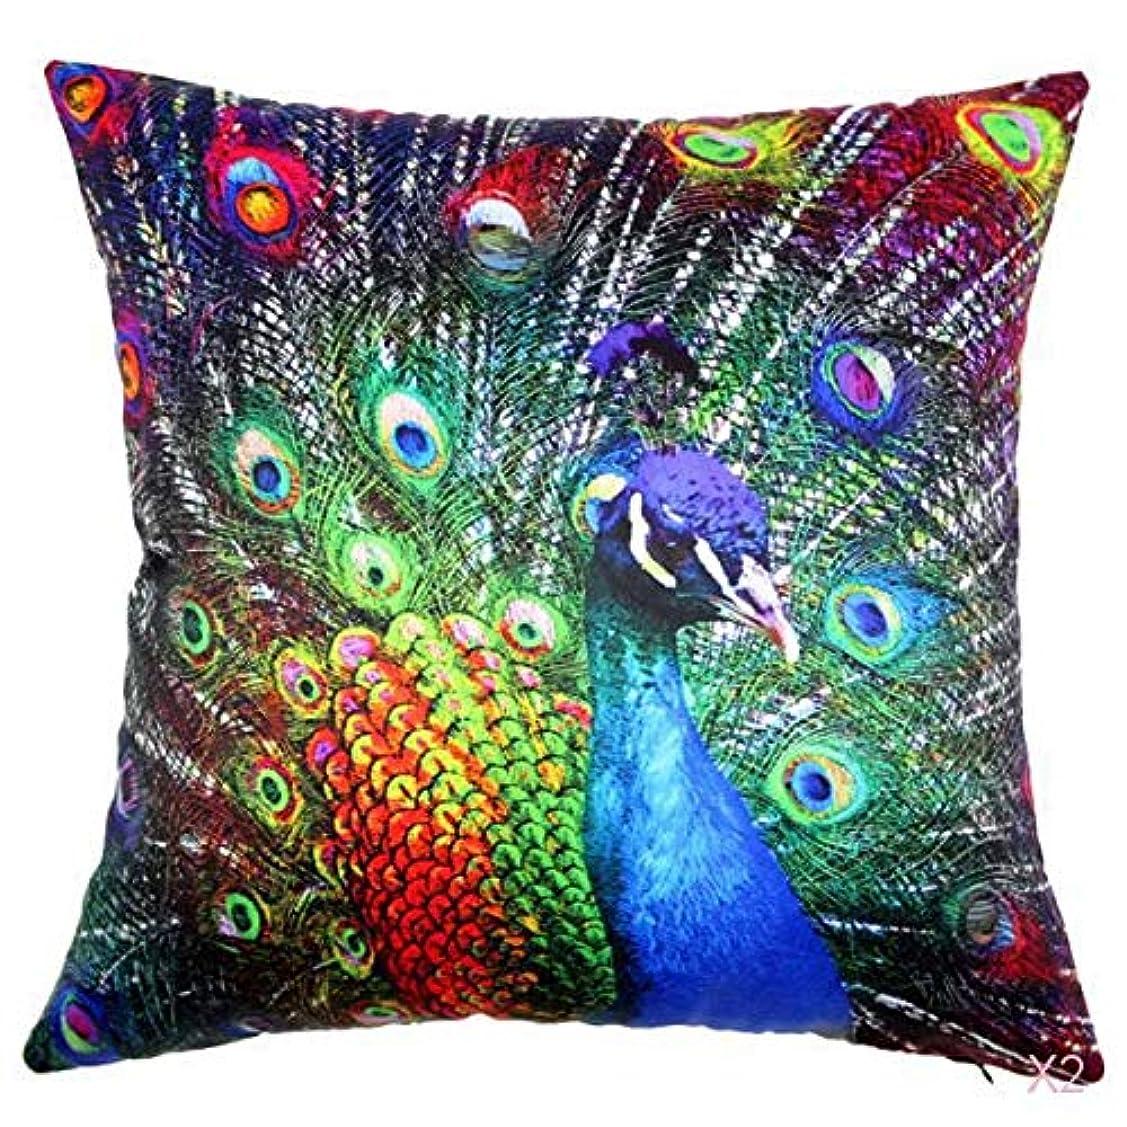 牛バングラデシュ対話45センチメートル家の装飾スロー枕カバークッションカバーヴィンテージ孔雀のパターン02